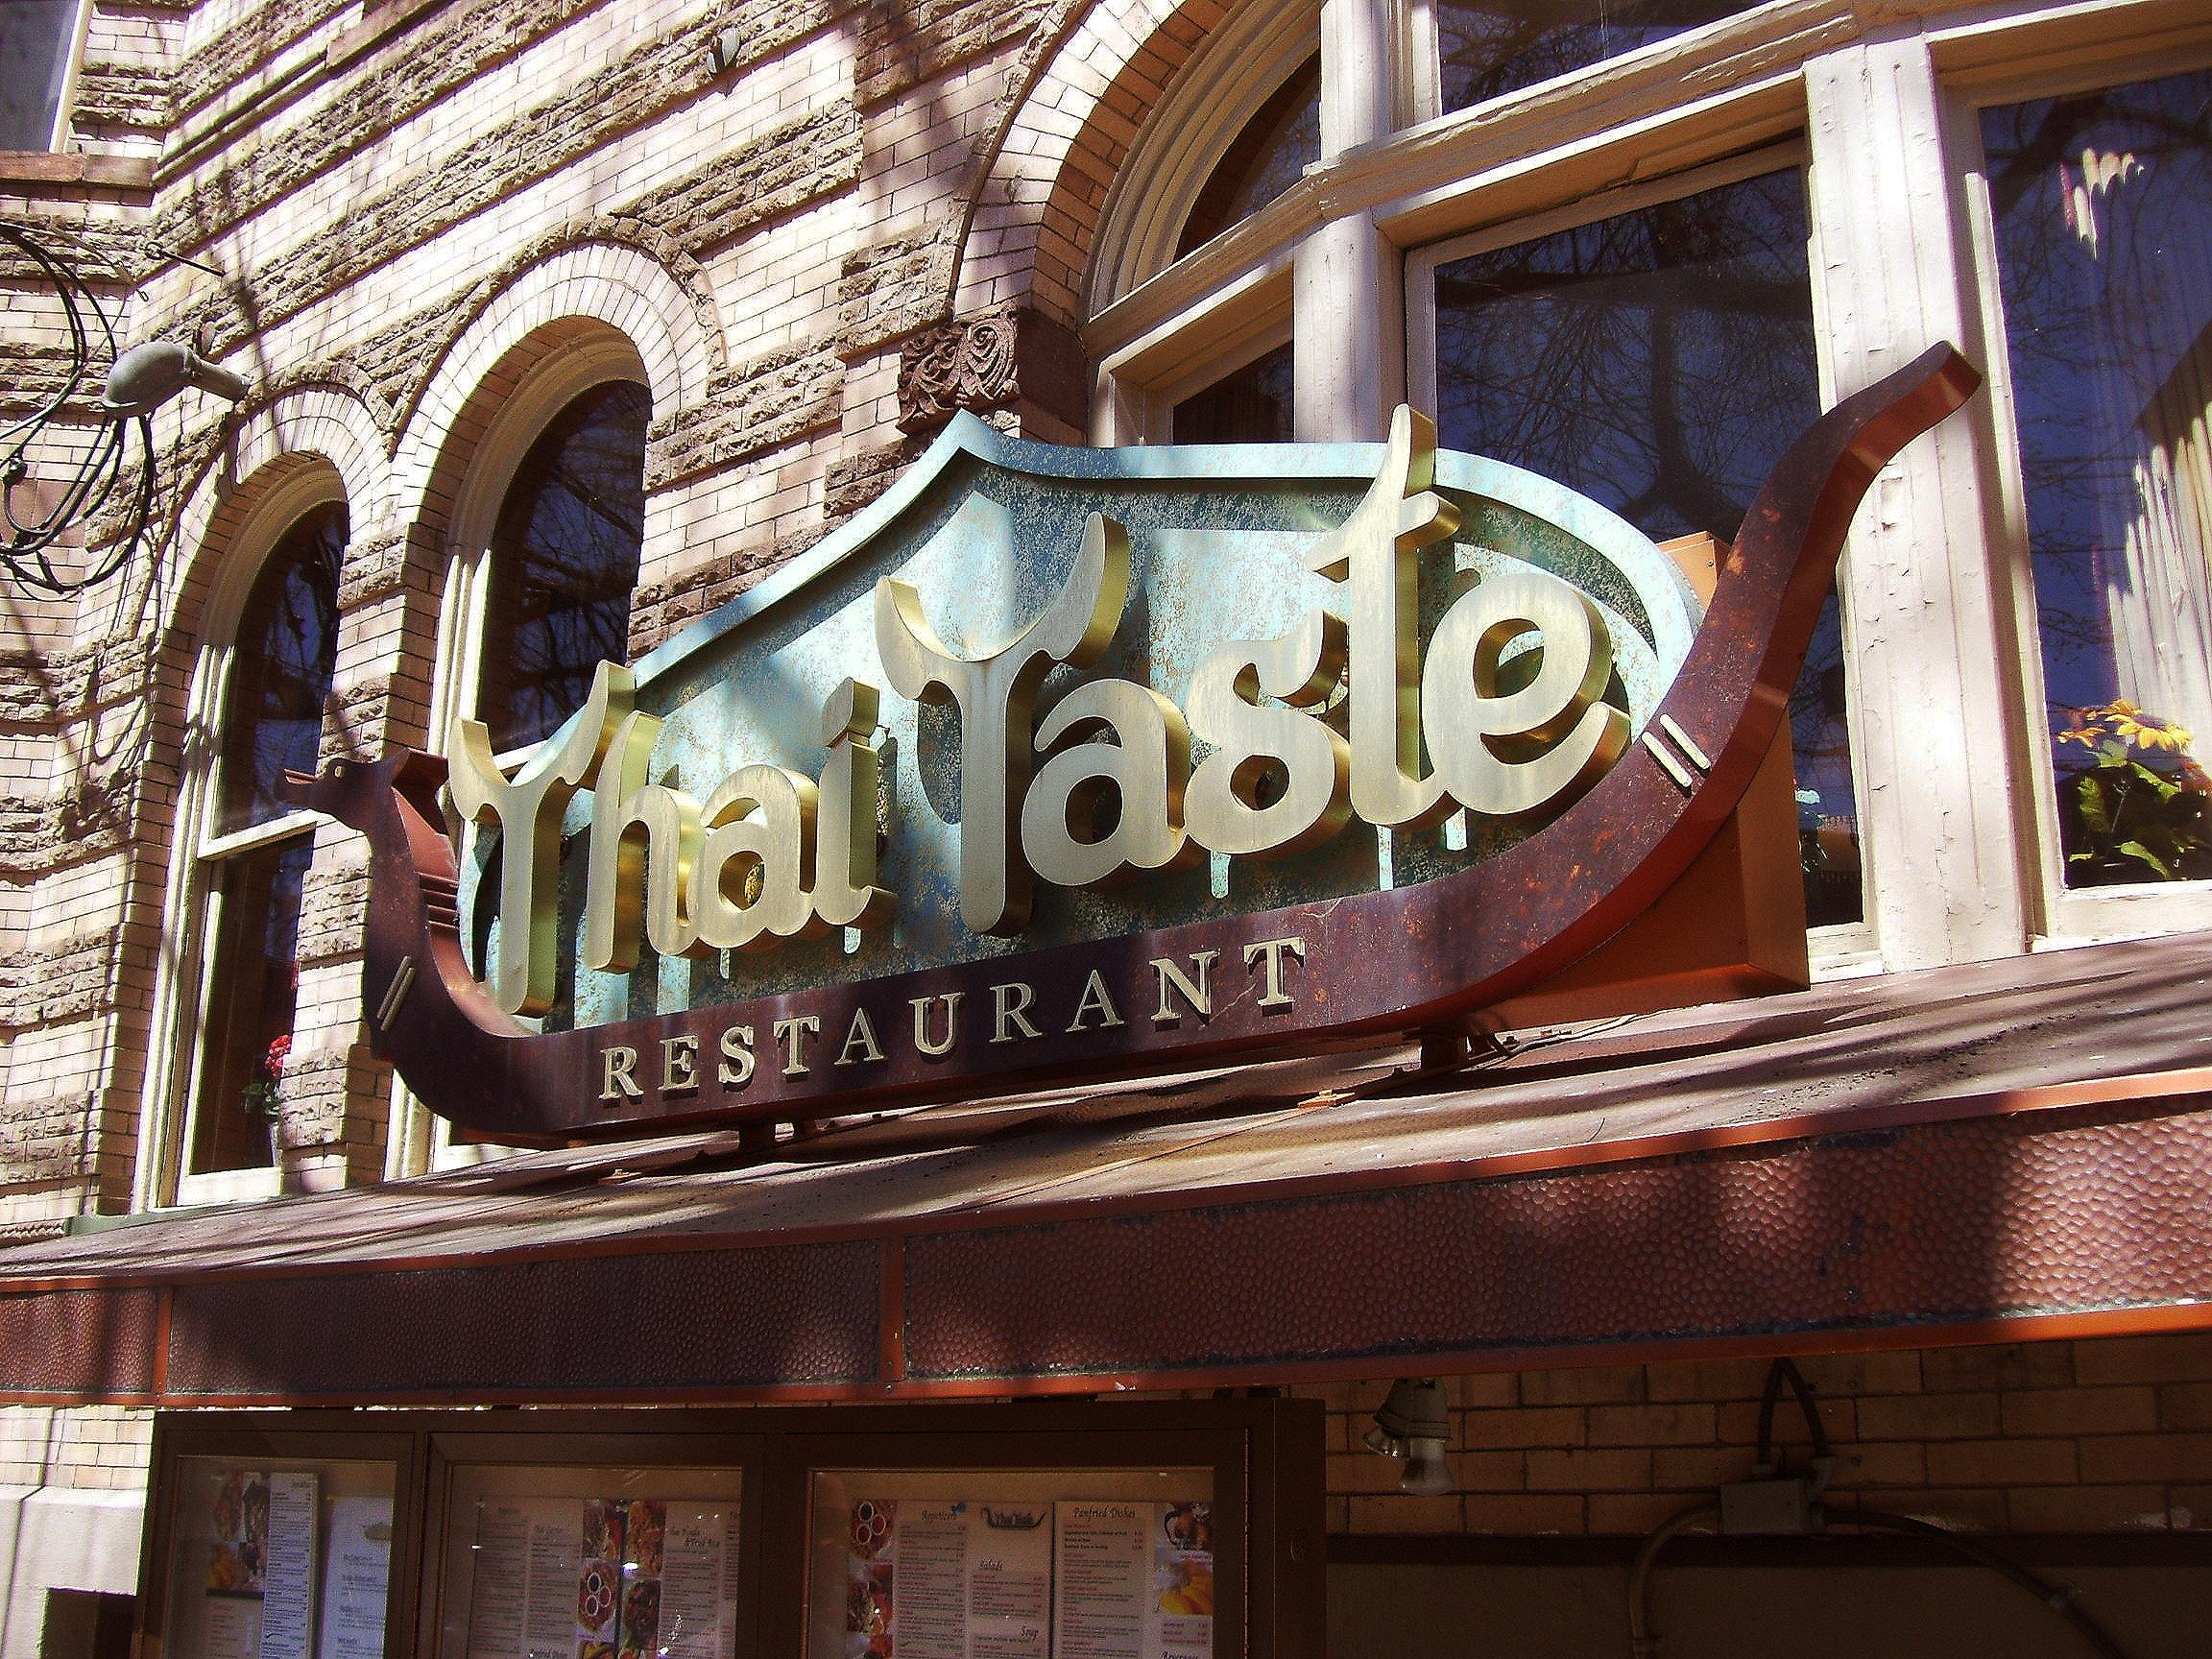 Thai Taste1151 Chapel Street (203) 776 9802